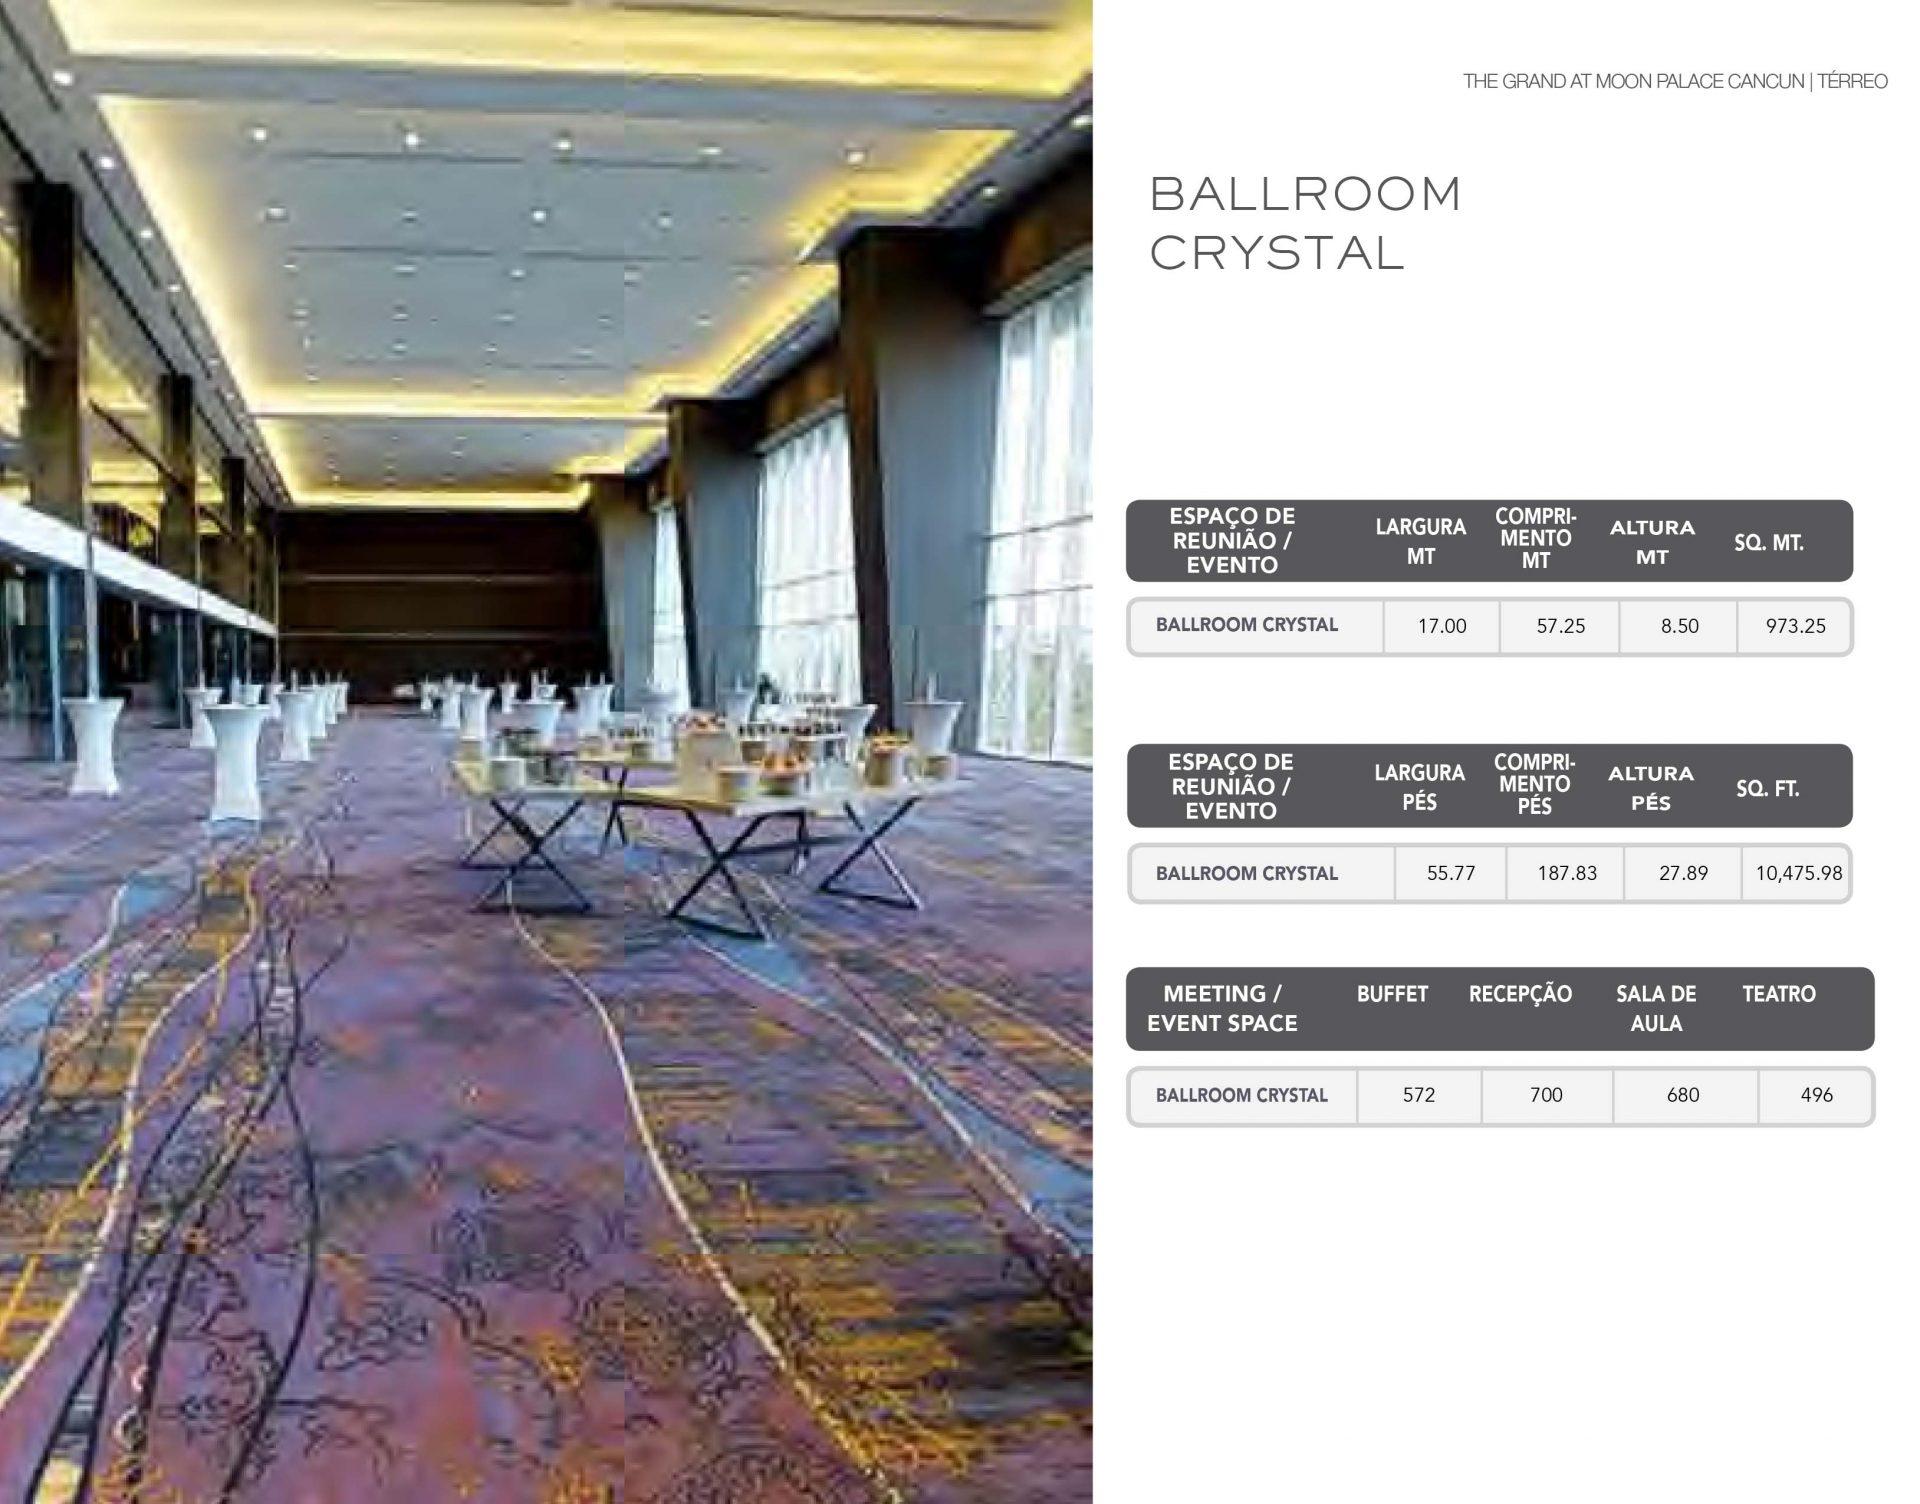 Informações técnicas do Ballroom Crystal